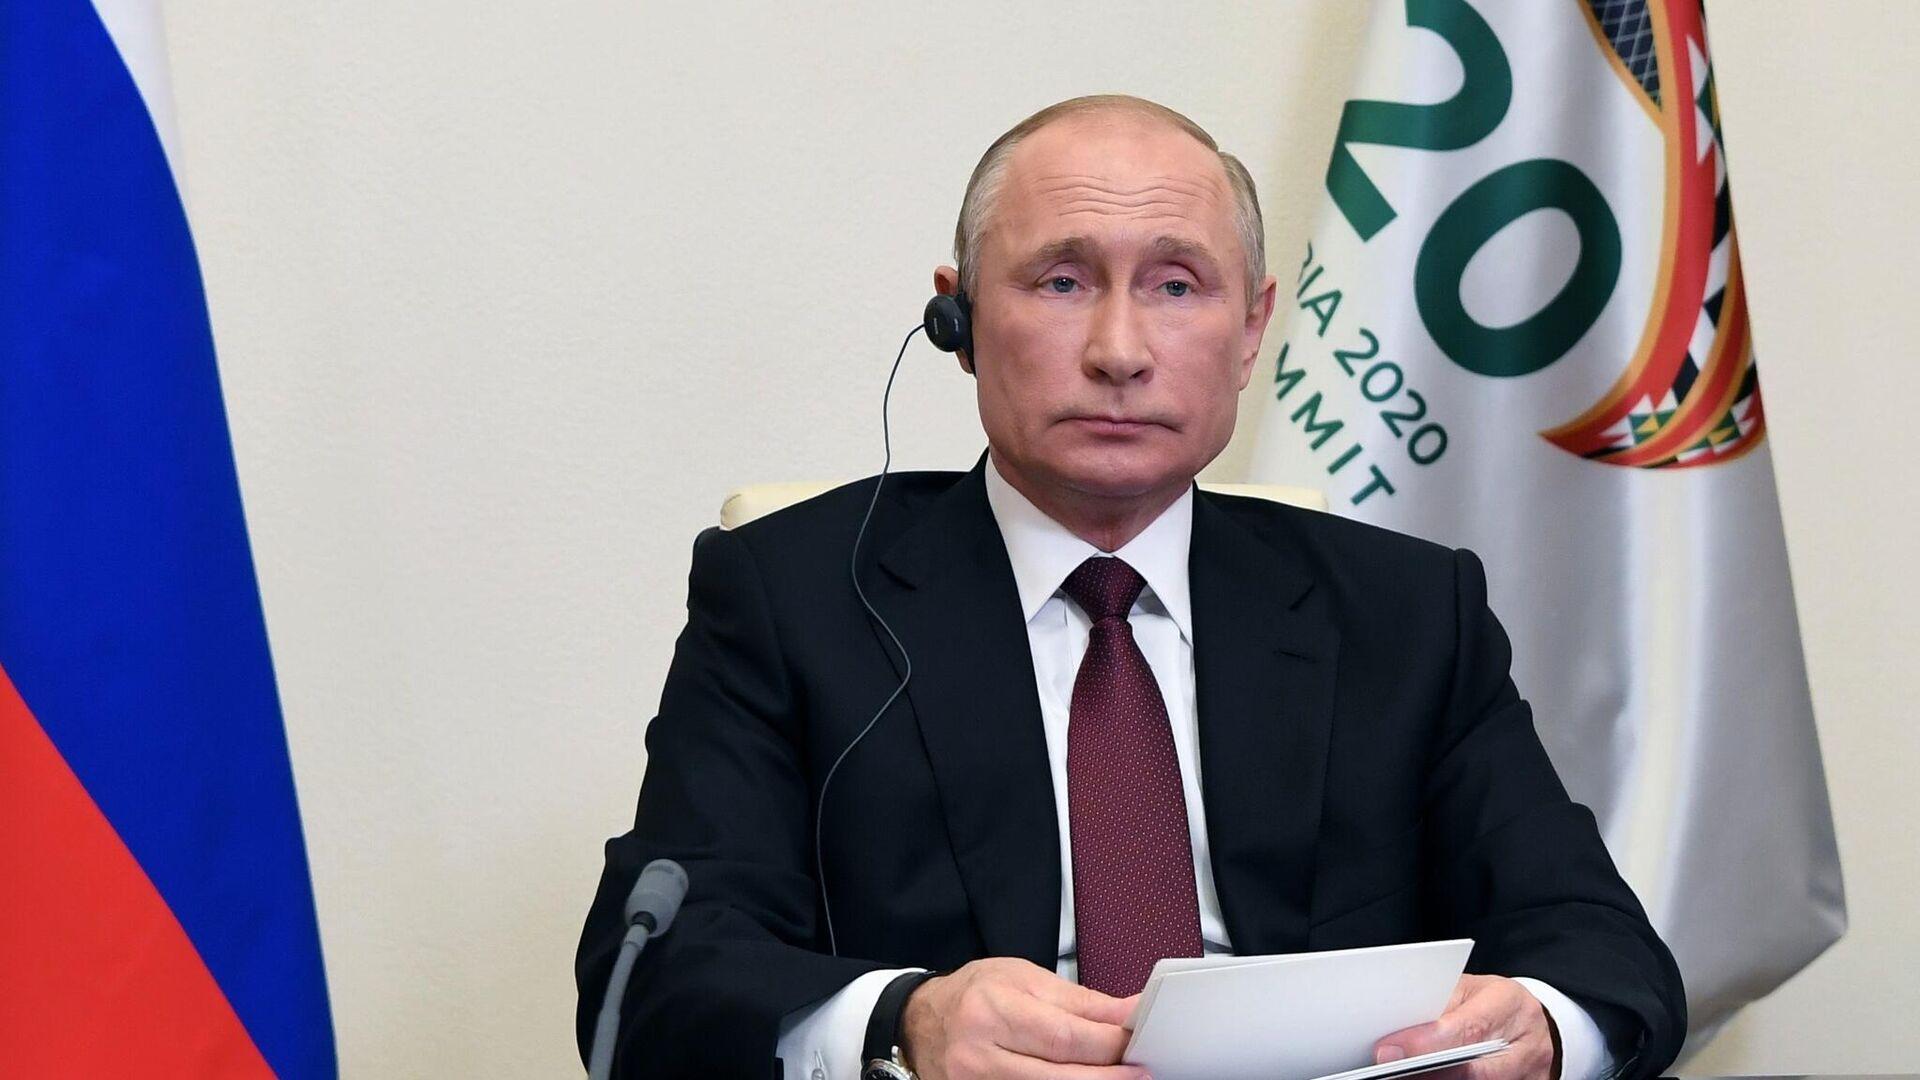 Президент РФ Владимир Путин принимает участие в работе саммита Группы двадцати в режиме видеоконференции - РИА Новости, 1920, 21.11.2020